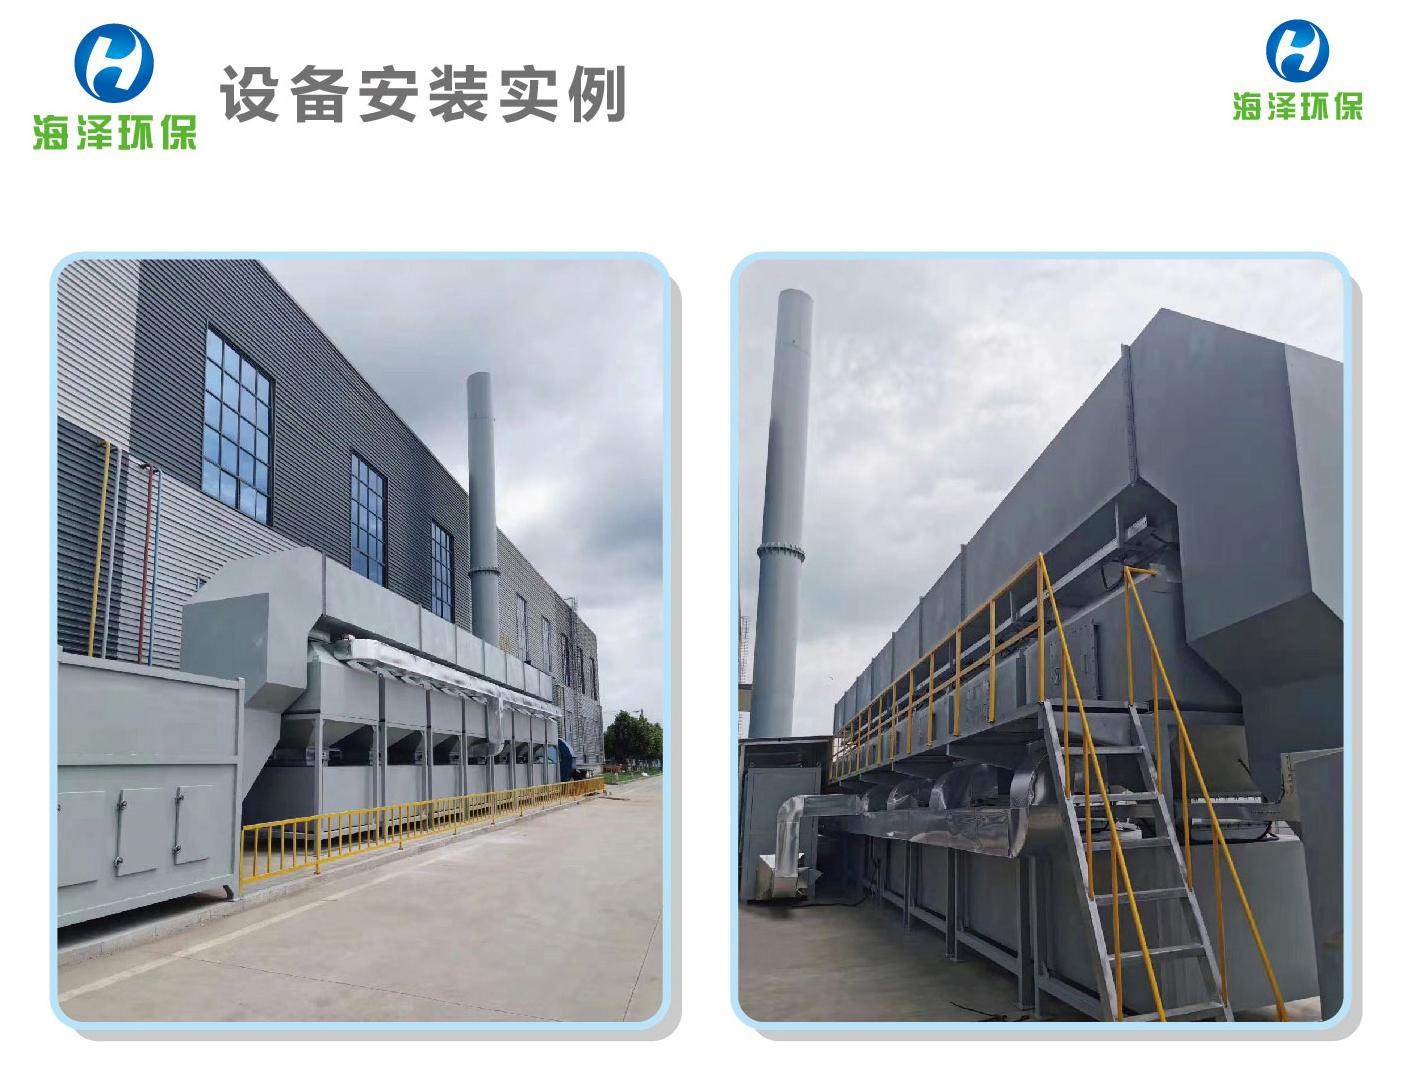 福建窑炉脱硫脱硝湿式电除尘设备价格 信息推荐 山东海泽环保供应